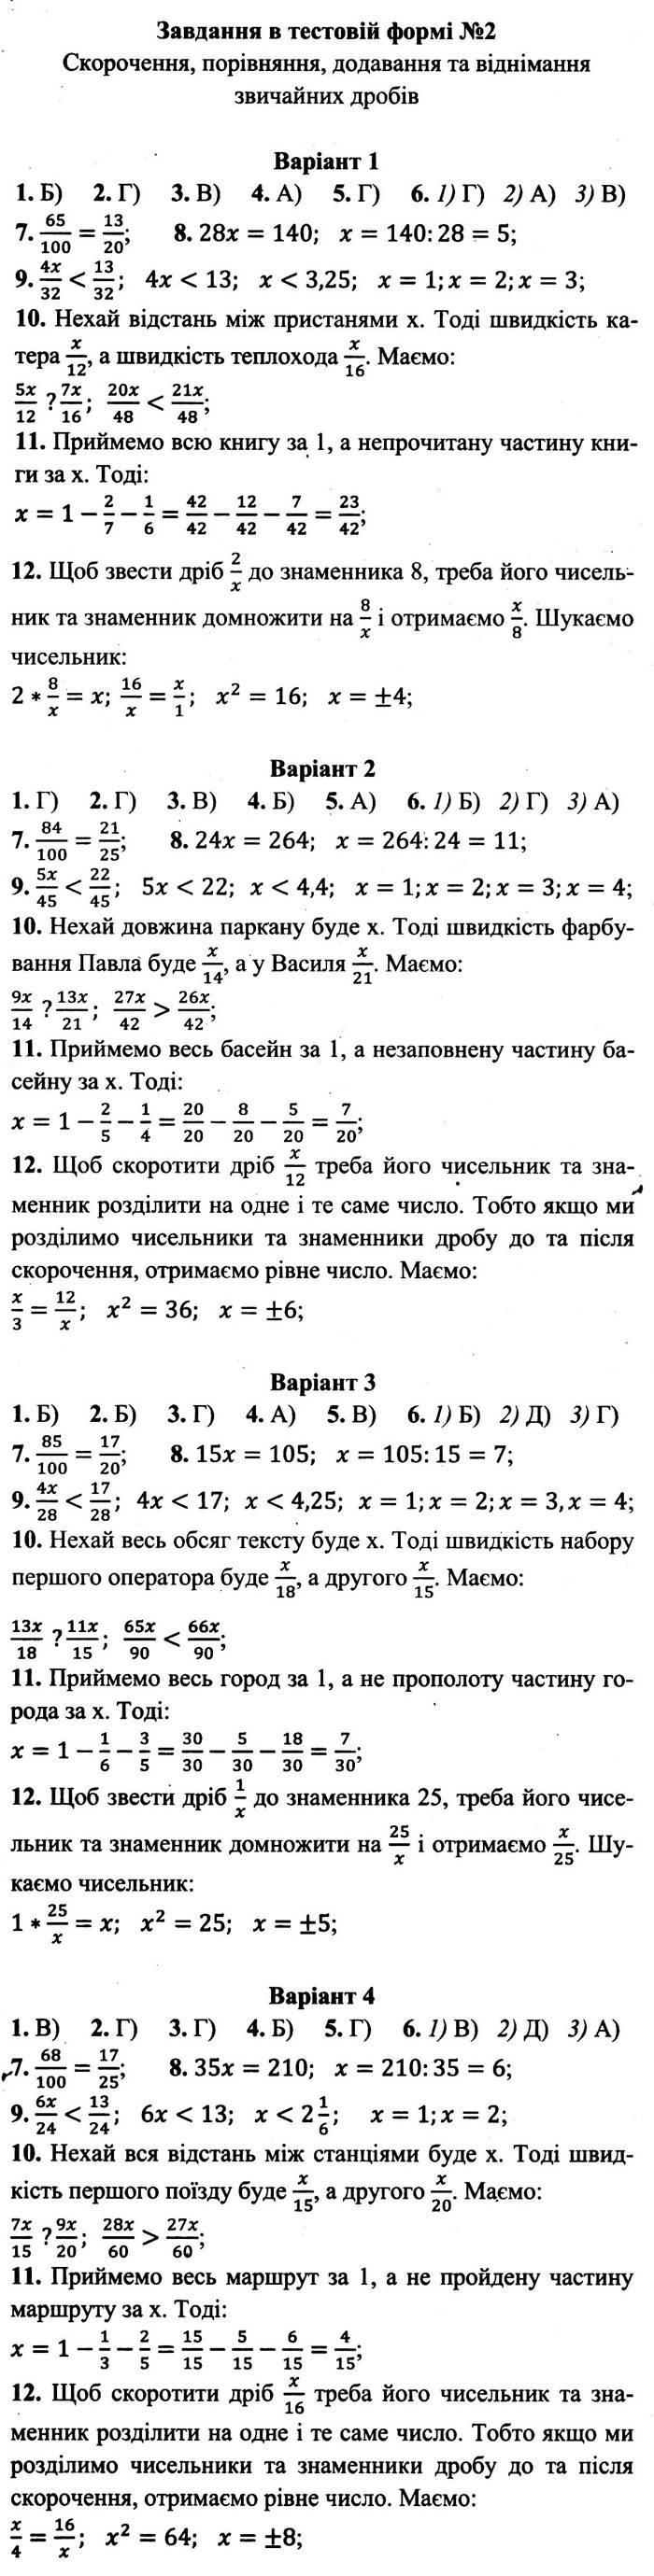 Розв'язання завдань до тестової роботи 2 посібника 6 клас Математика Мерзляк (збірник самостійних робіт і тестів) 2020 рік